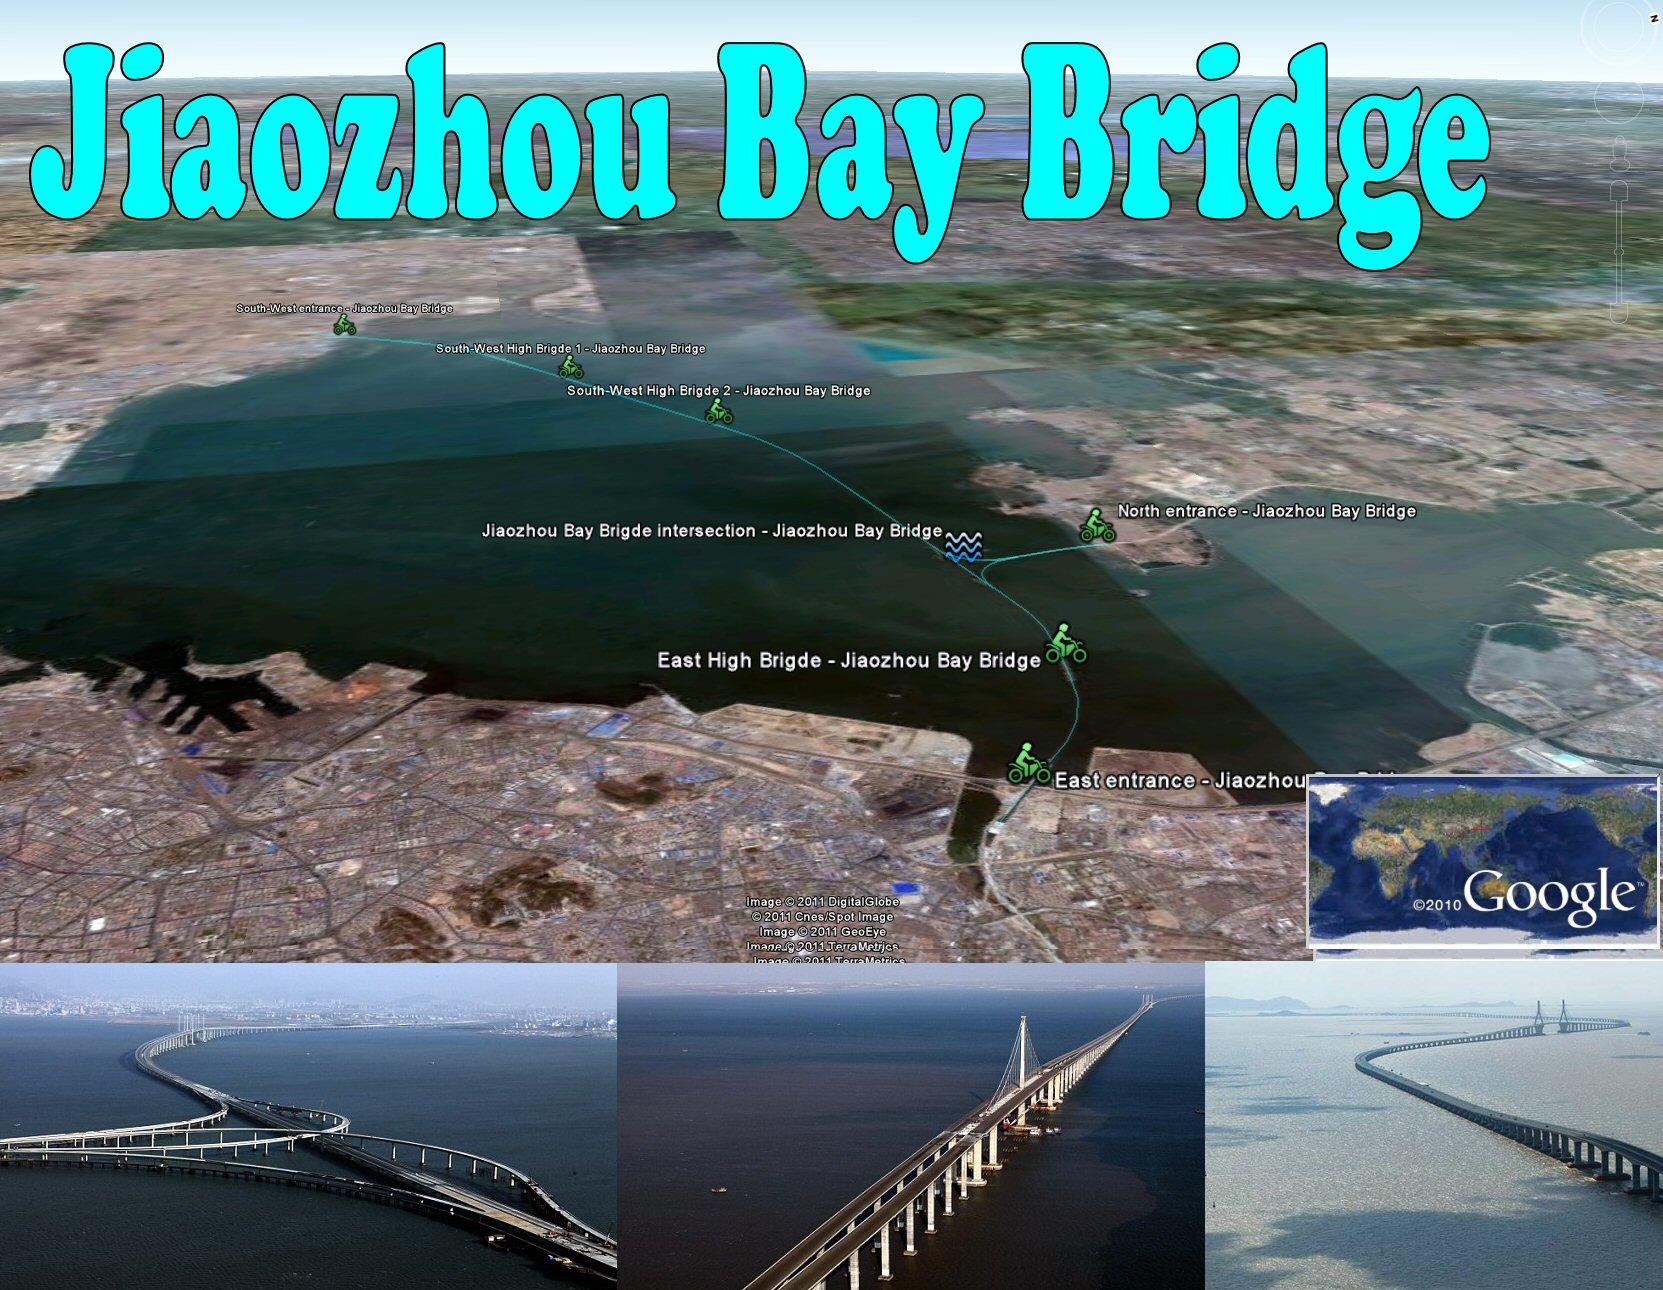 Qingdao Haiwan Bridge Jiaozhou Bay Bridge Worlds Longest Over Water Google